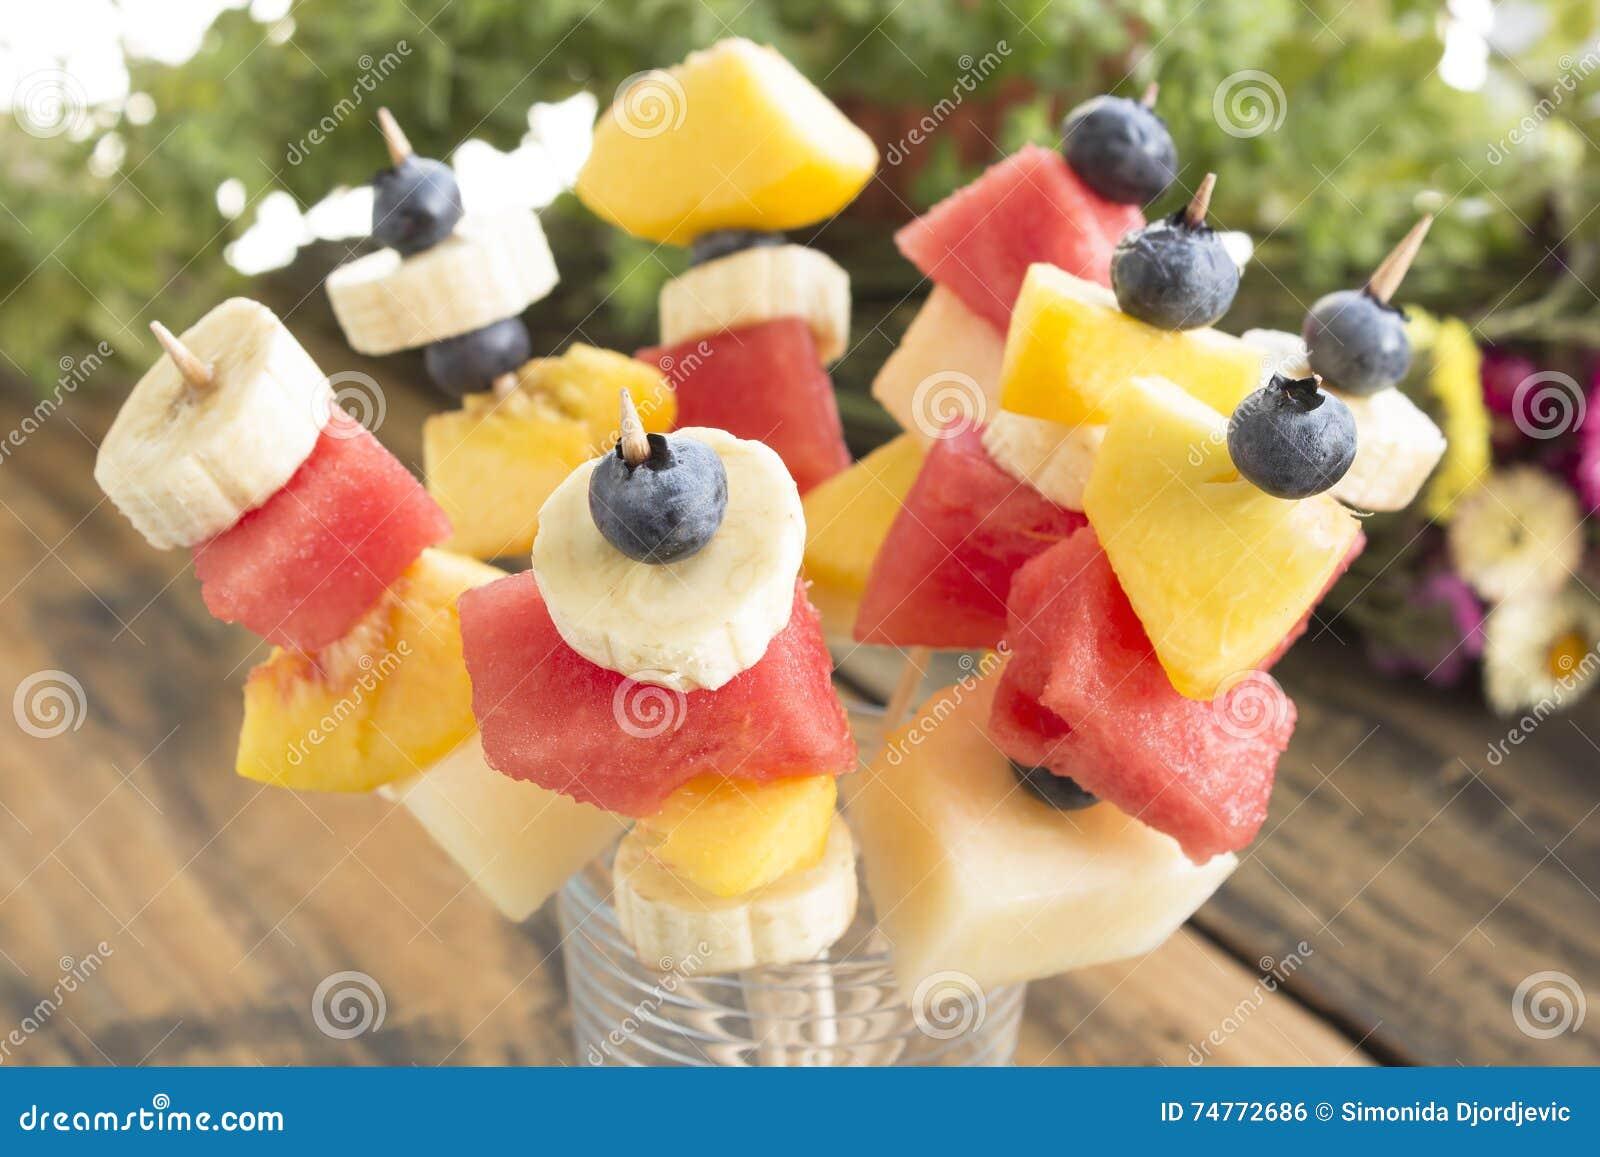 Uppfriskande fruktsteknålar - fruktmellanmål